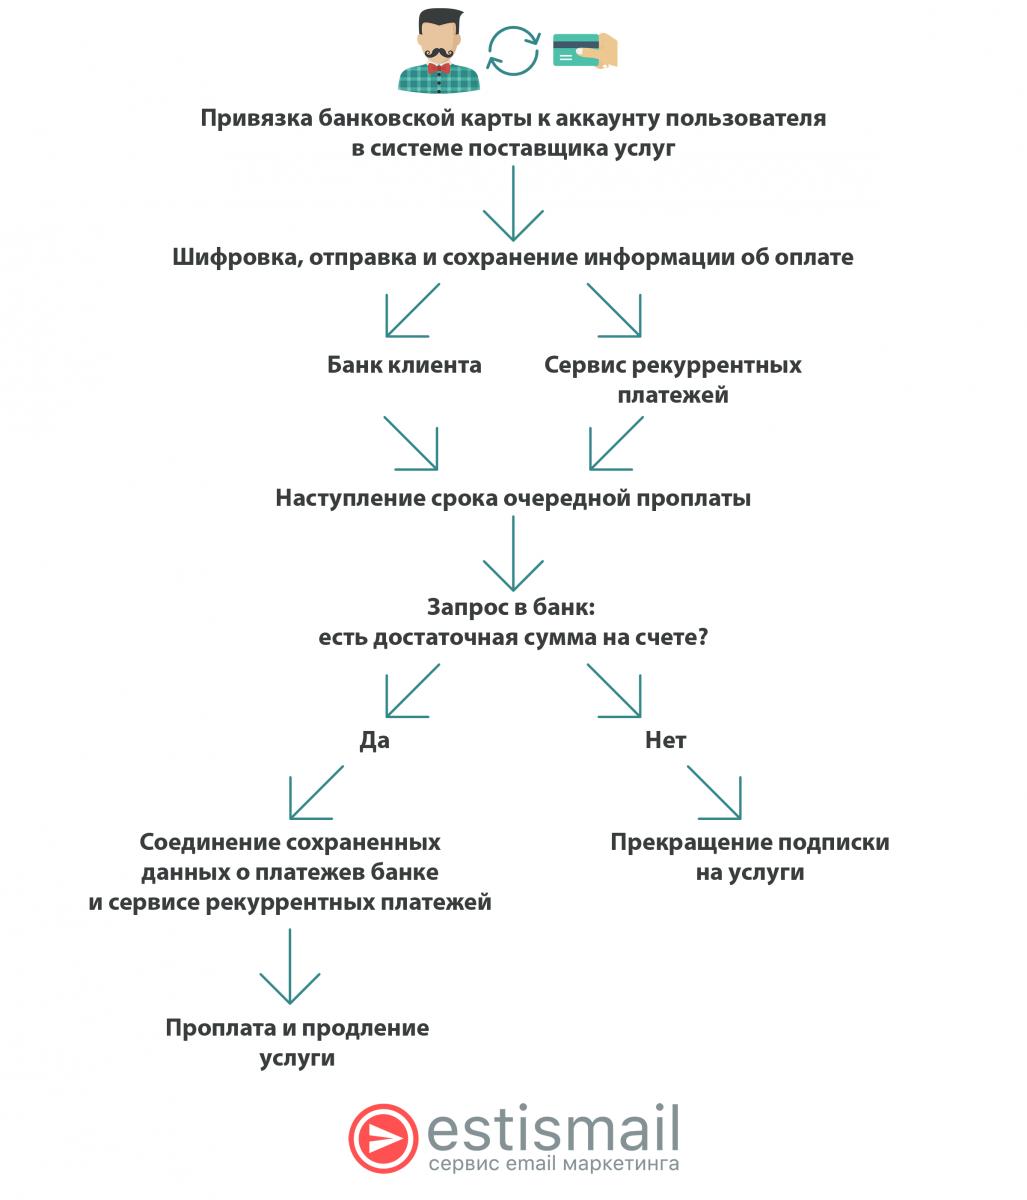 Инфографика: Как работают рекуррентные платежи на практике.